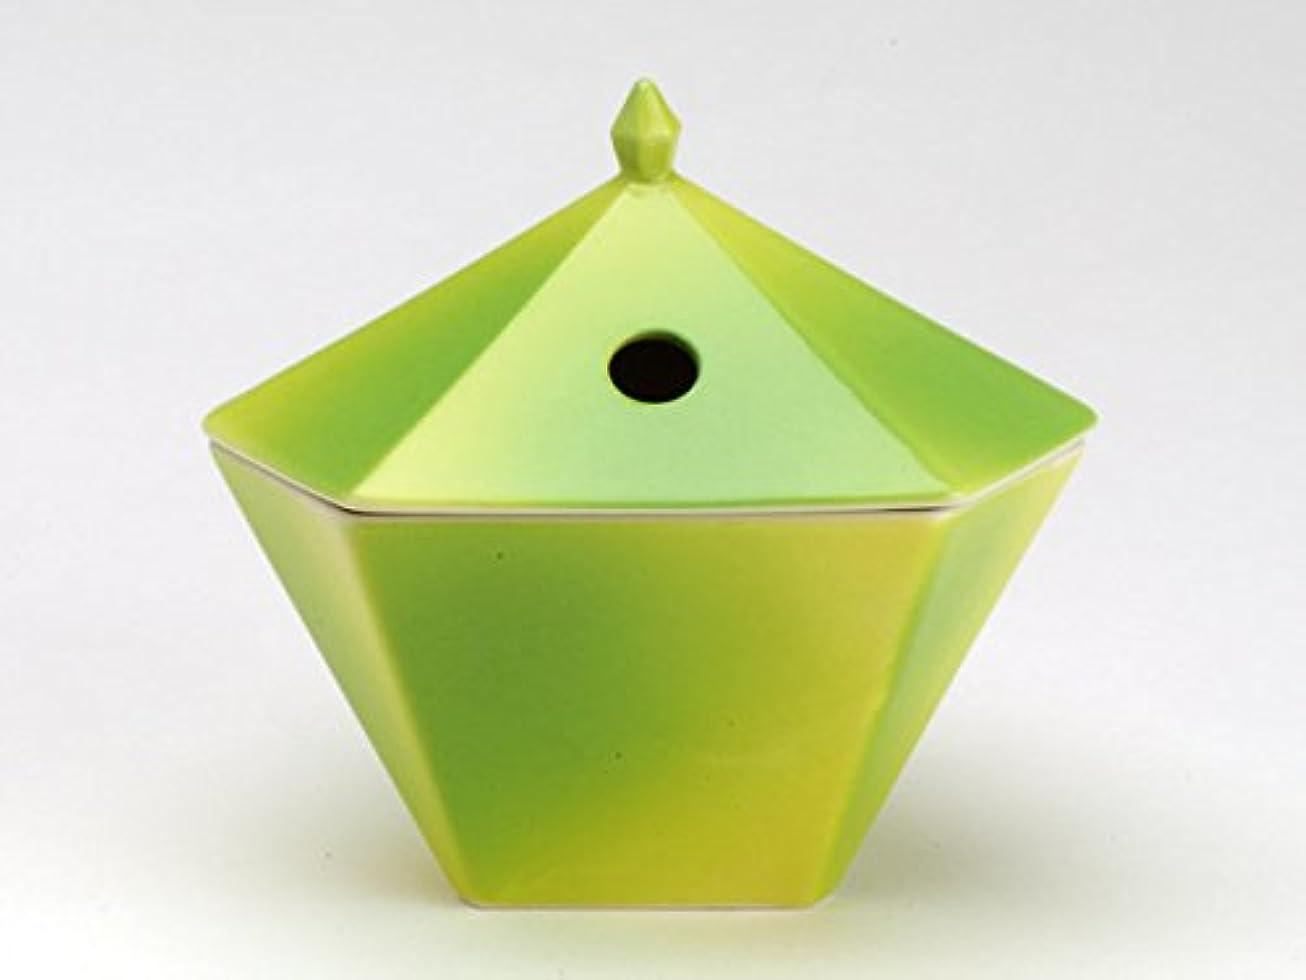 進化注釈を付けるキャンバス縁香炉 黄緑